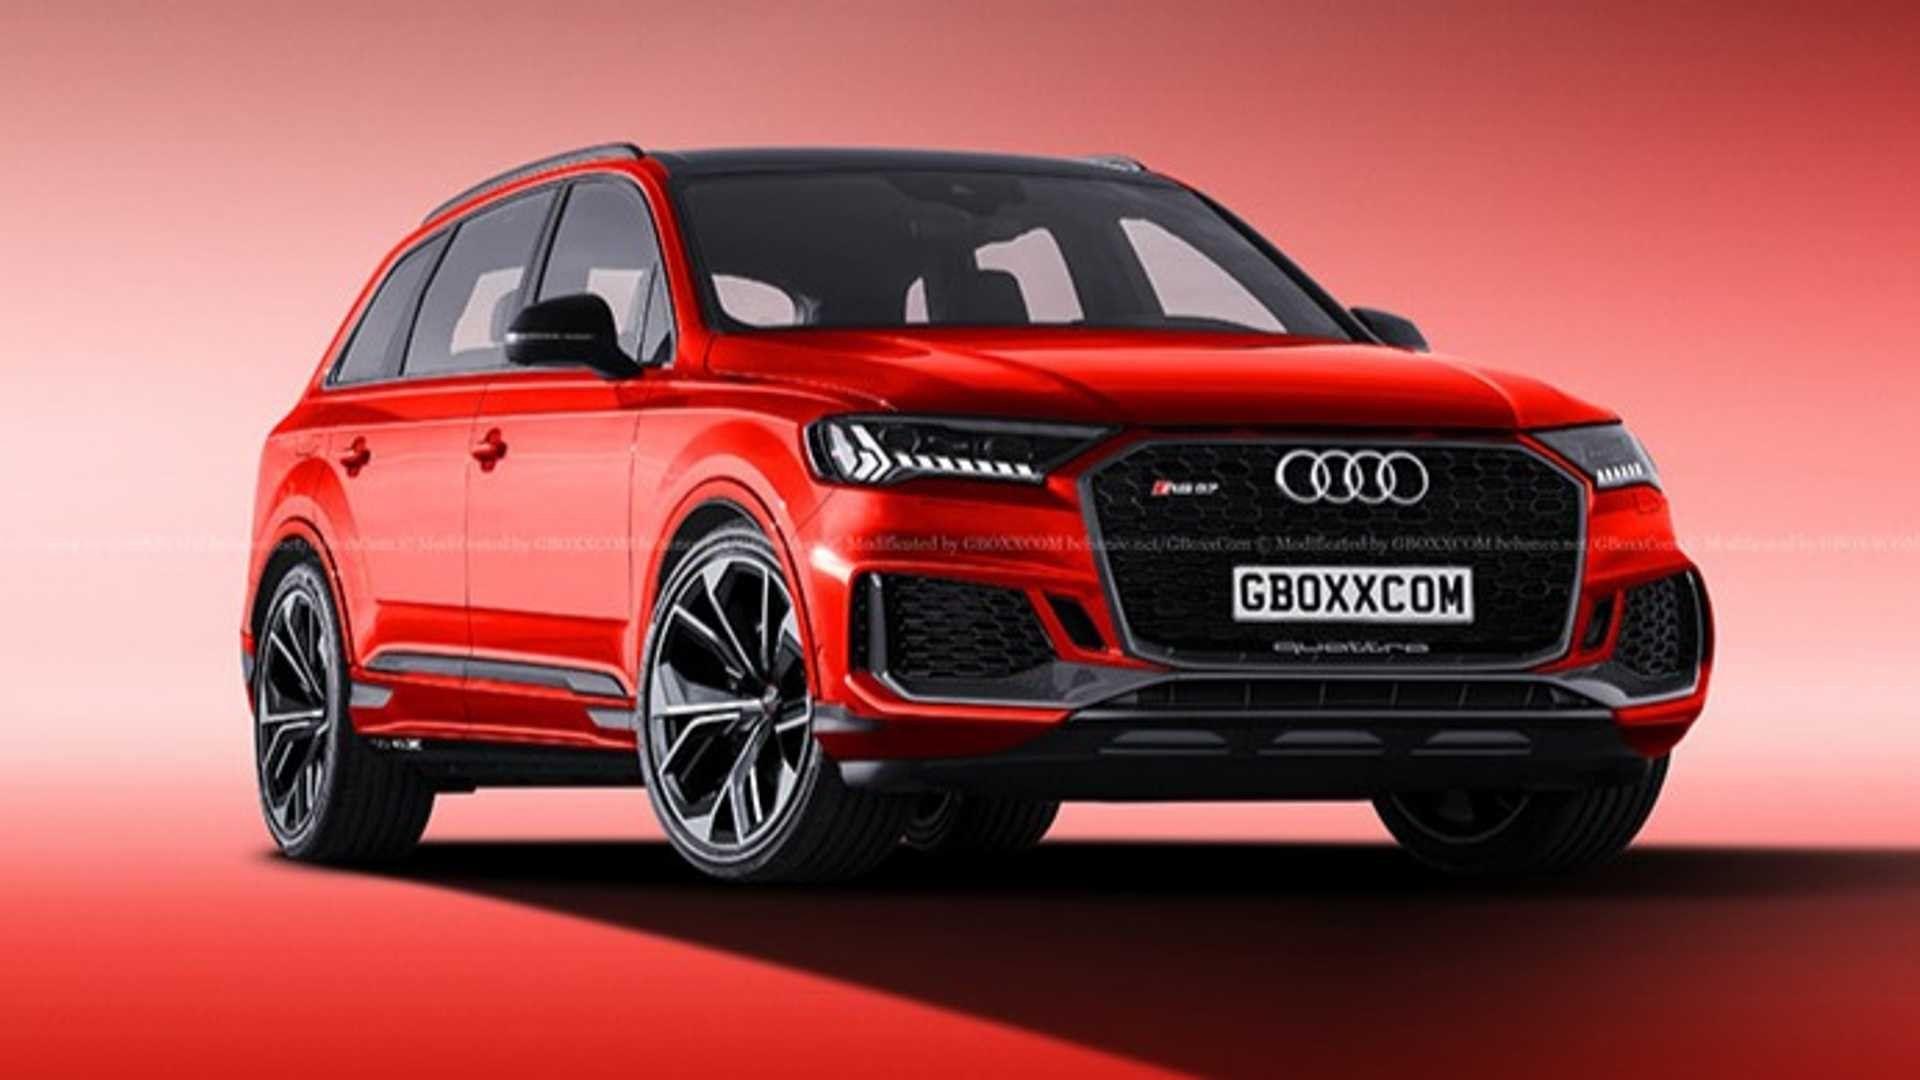 2020 Audi A2 Style In 2020 Audi Rs Audi Q7 Audi